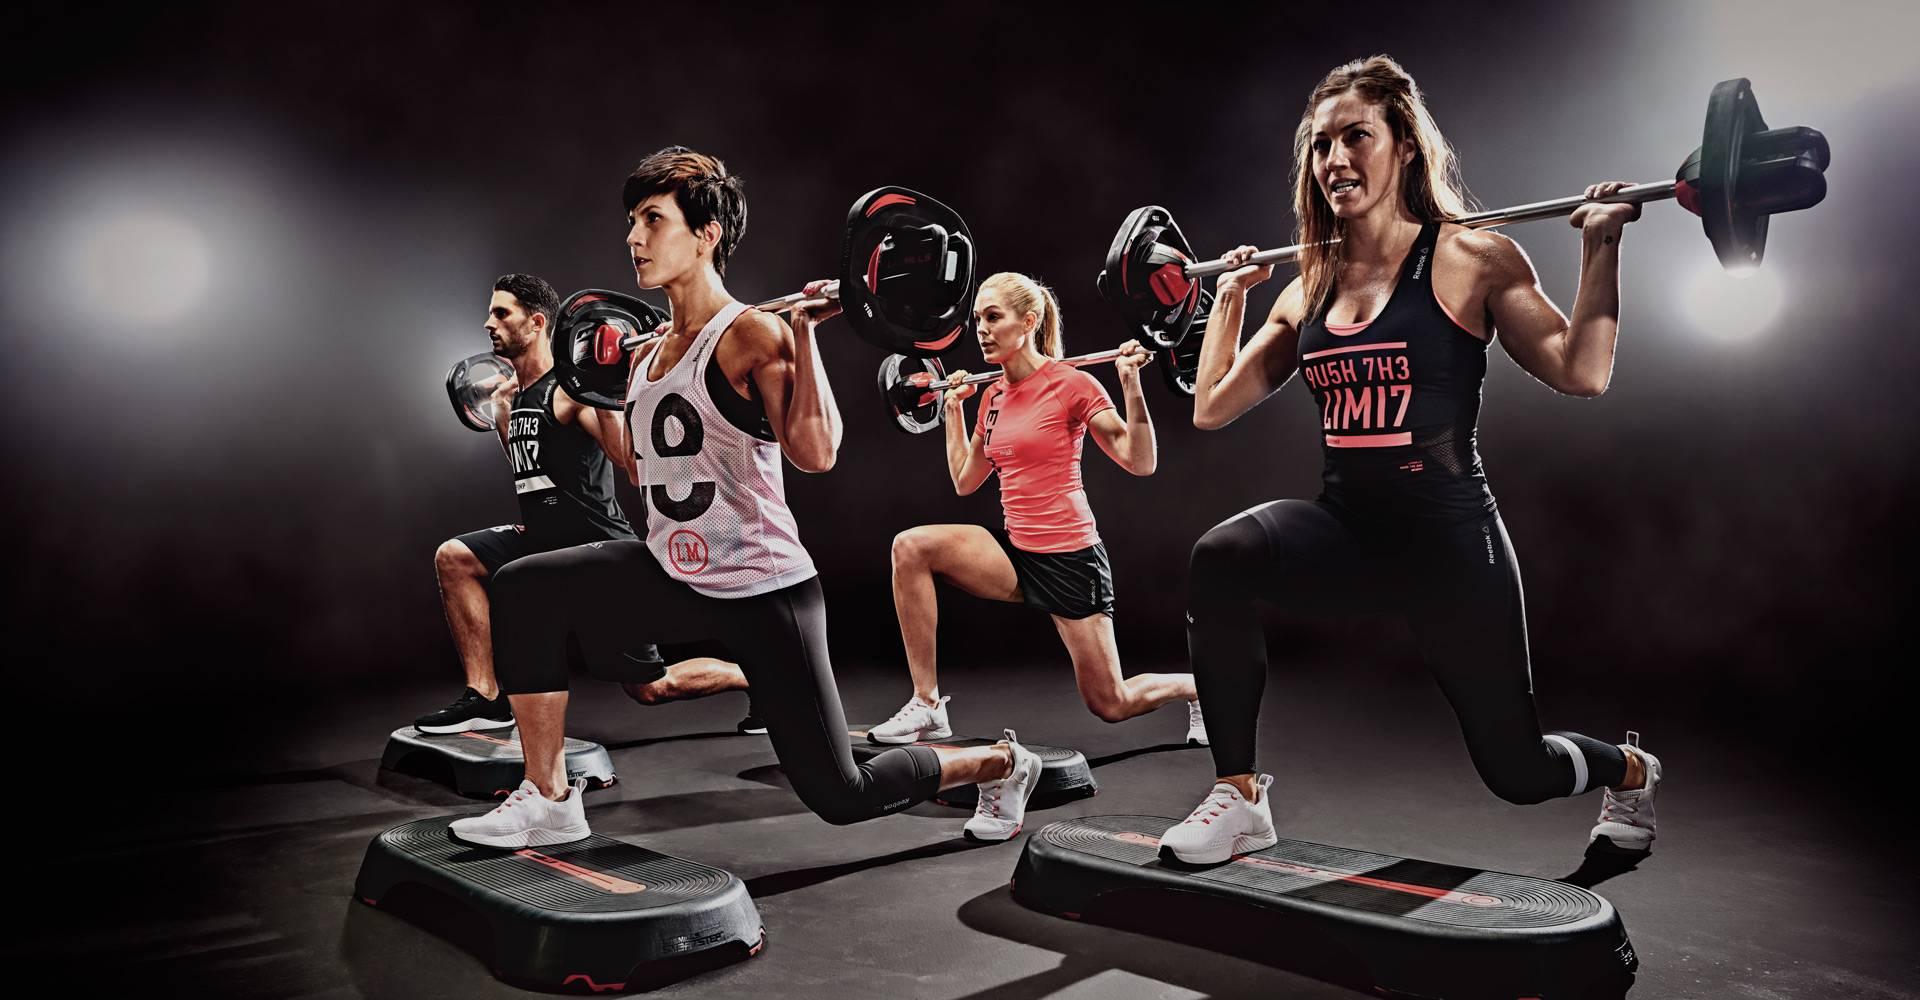 Hot iron (хот айрон) тренировка. что это такое в фитнесе, программа, упражнения, техника. видео-уроки